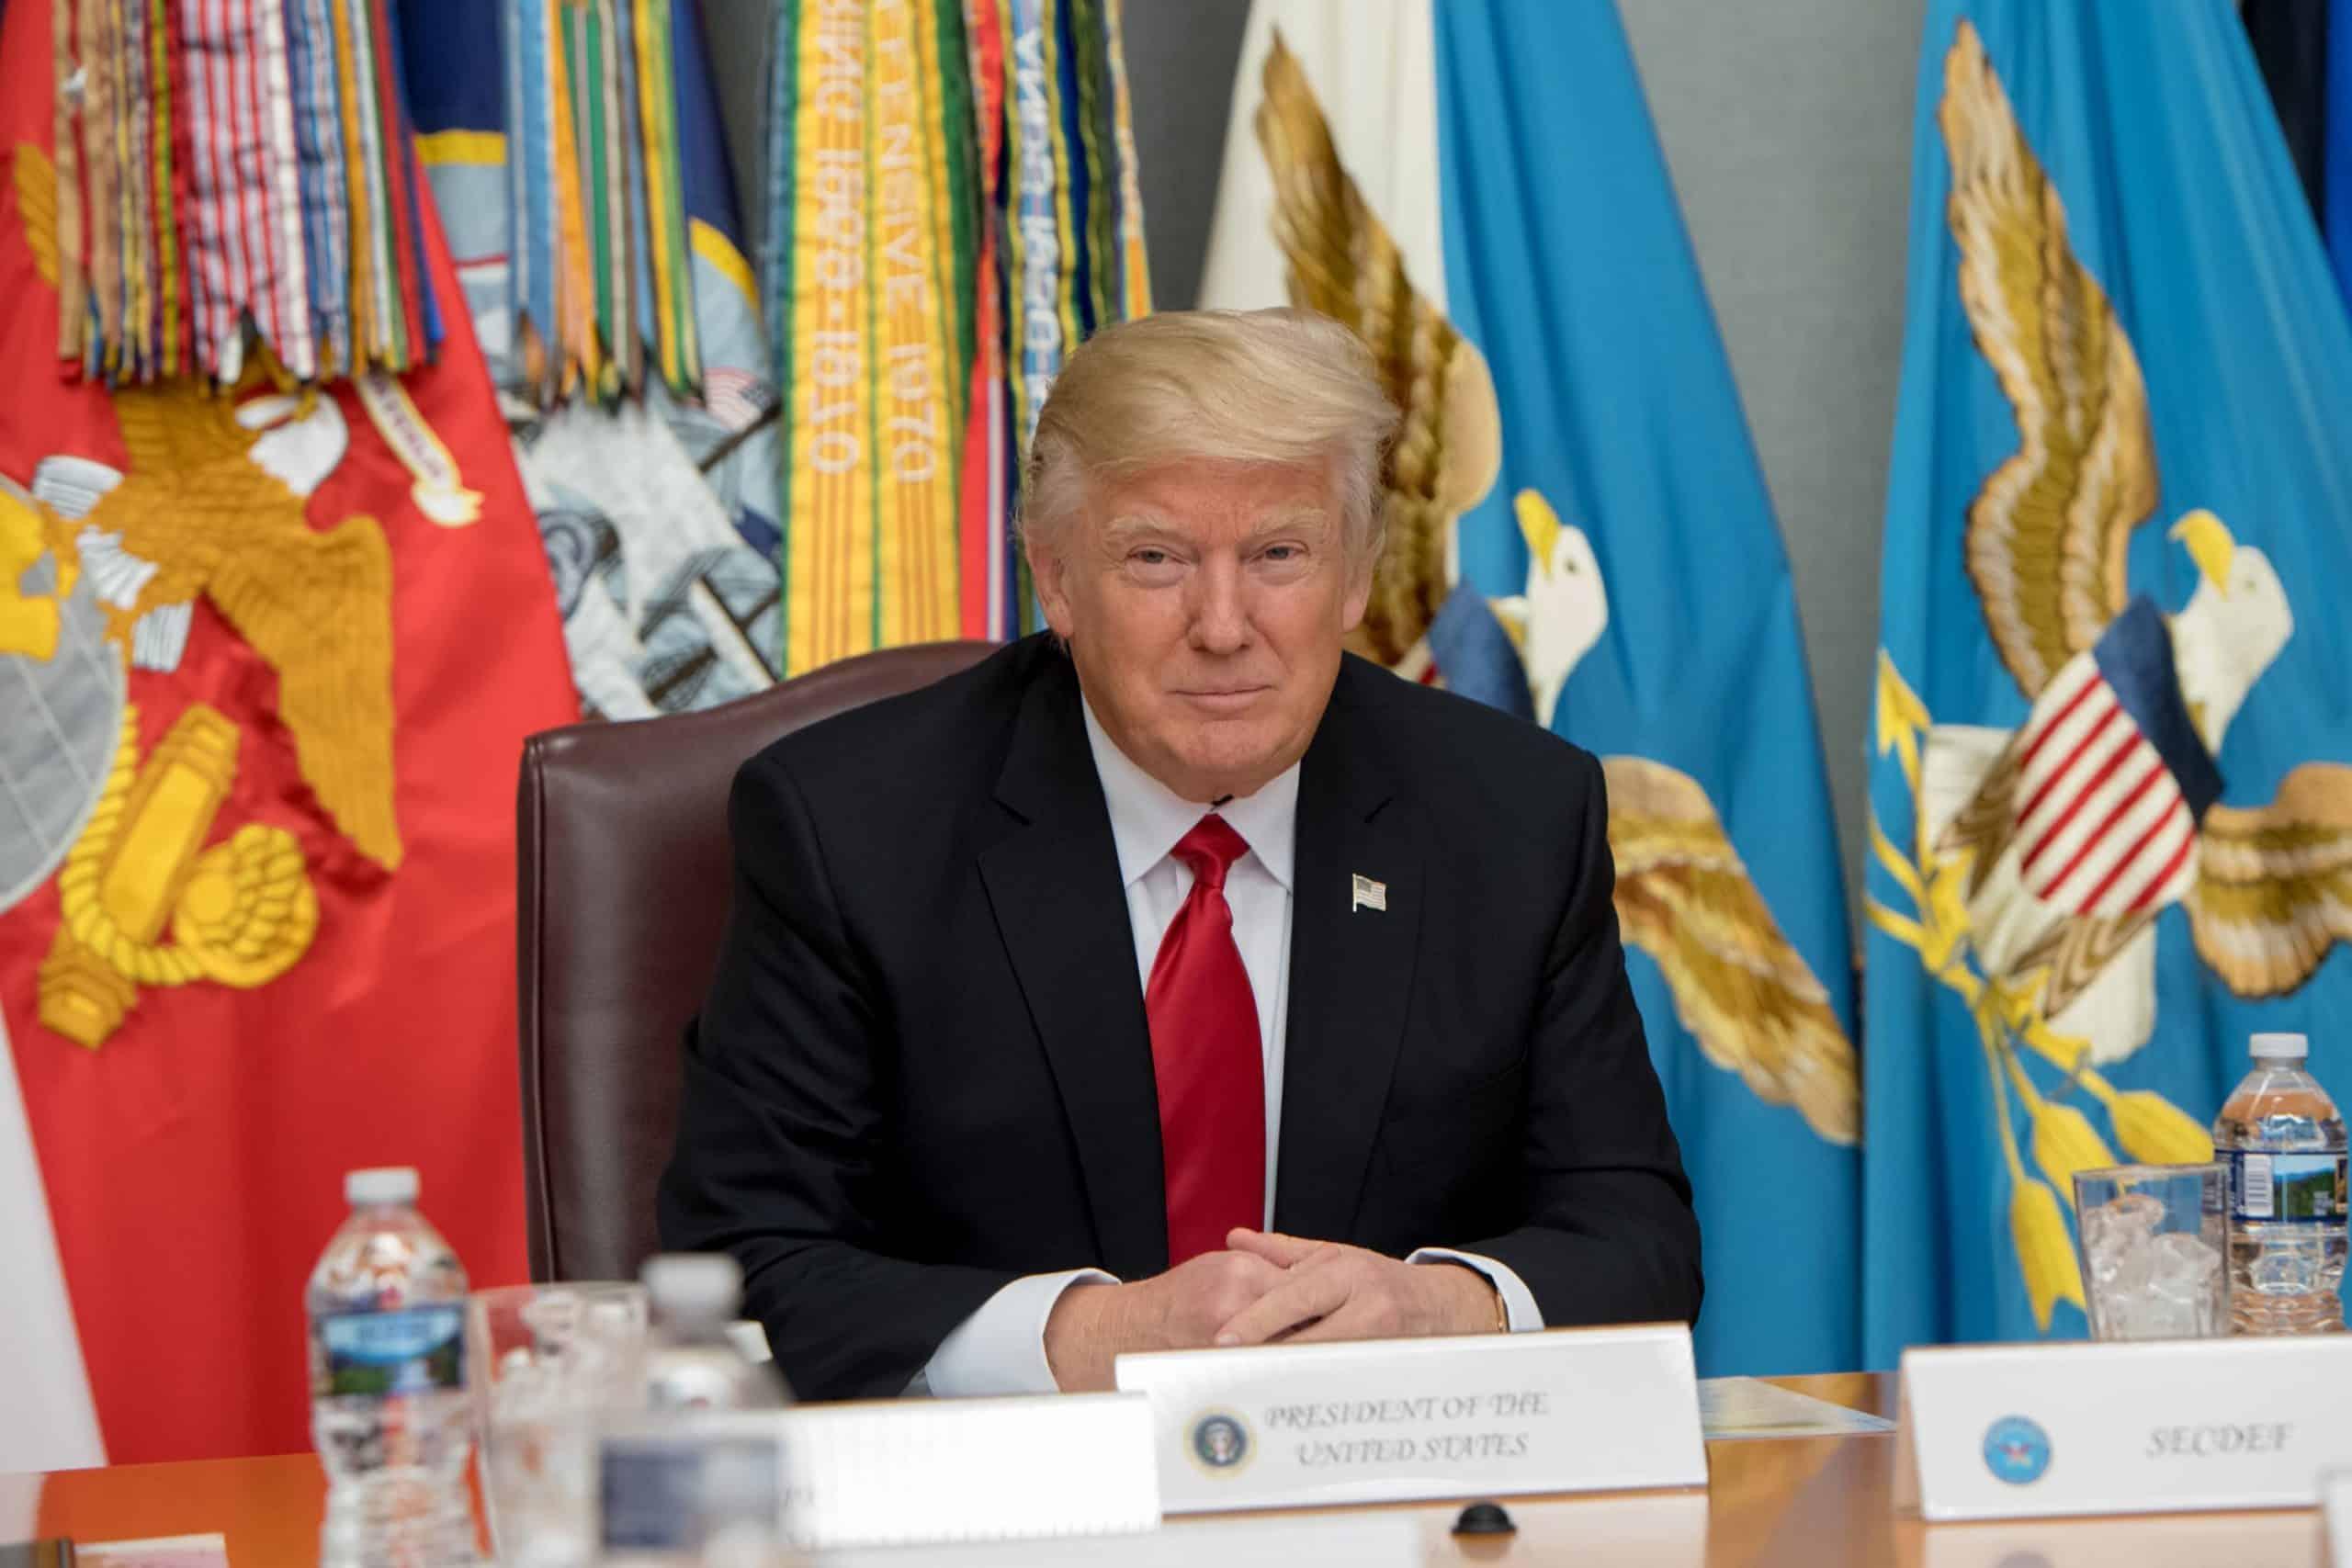 экс-президент сша Дональд Трамп картинка